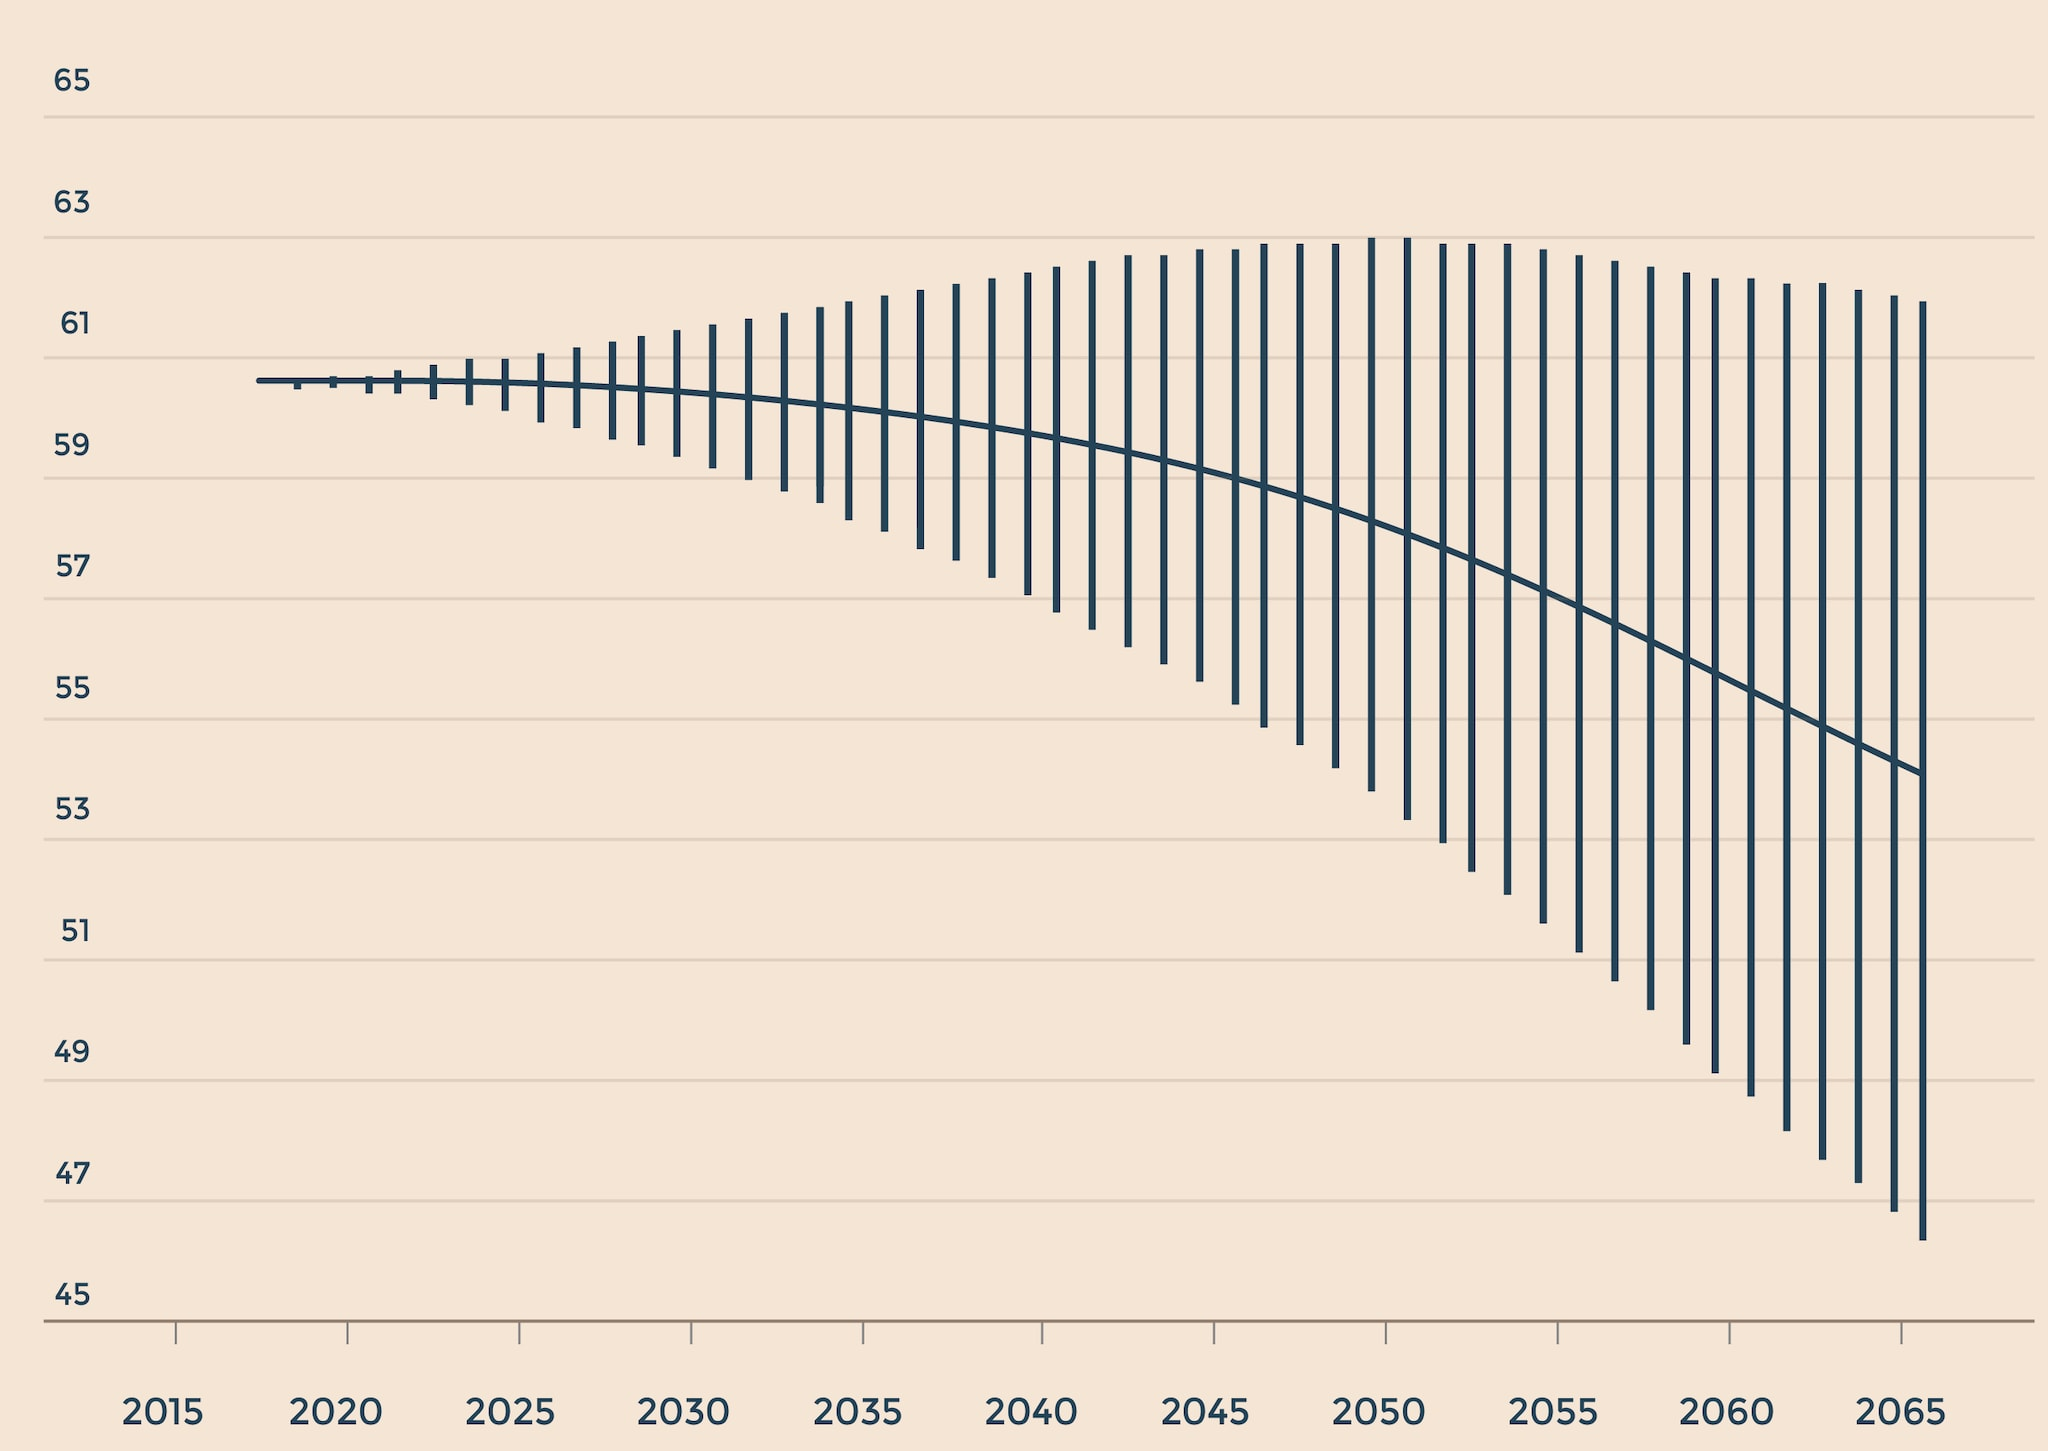 POPOLAZIONE RESIDENTE IN ITALIA - SCENARIO MEDIANO E INTERVALLO DI CONFIDENZA AL 90%